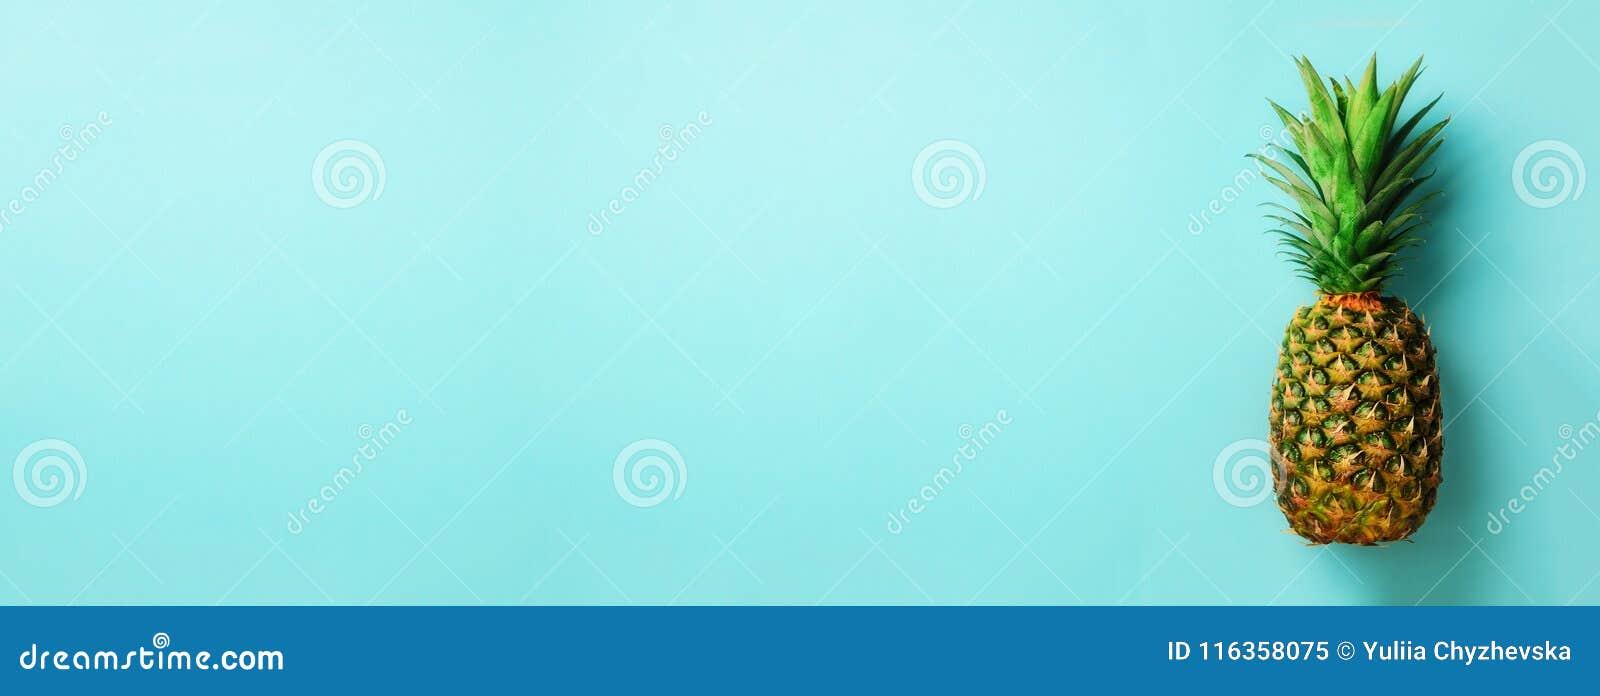 Abacaxi no fundo azul Vista superior Copie o espaço Teste padrão para o estilo mínimo Projeto do pop art, conceito criativo bande